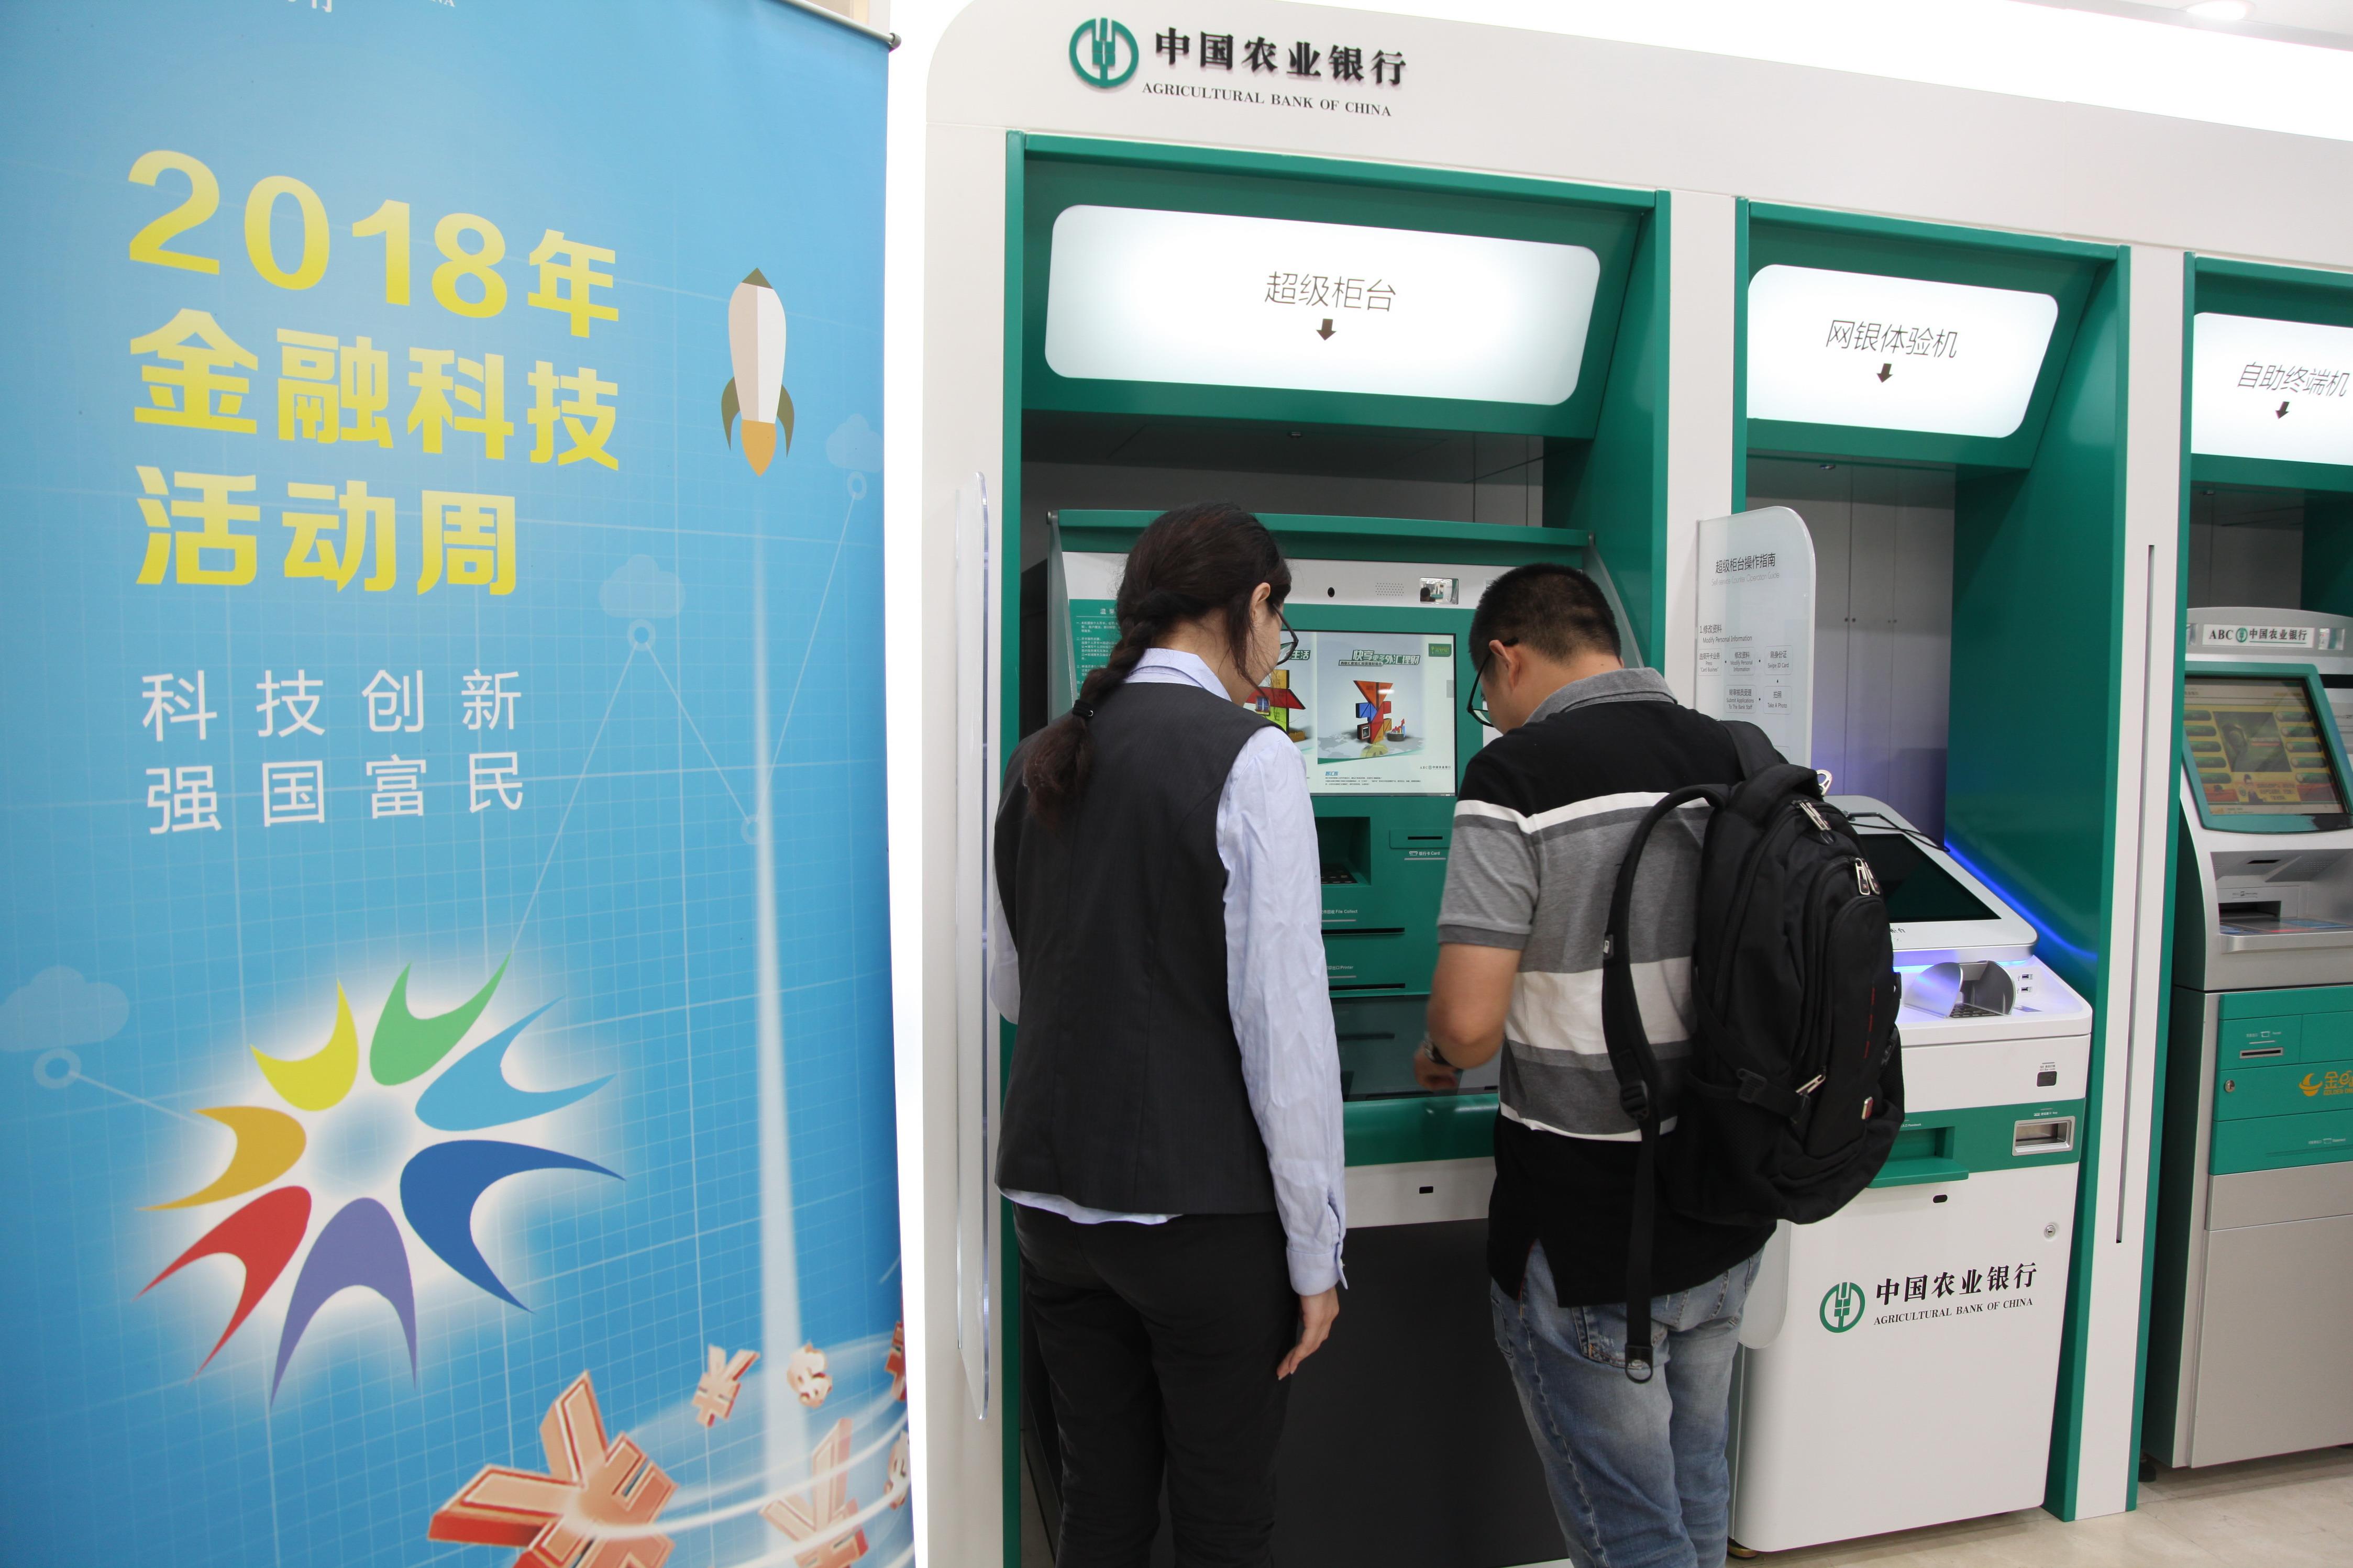 上海农行积极开展2018年金融科技活动周宣传活动